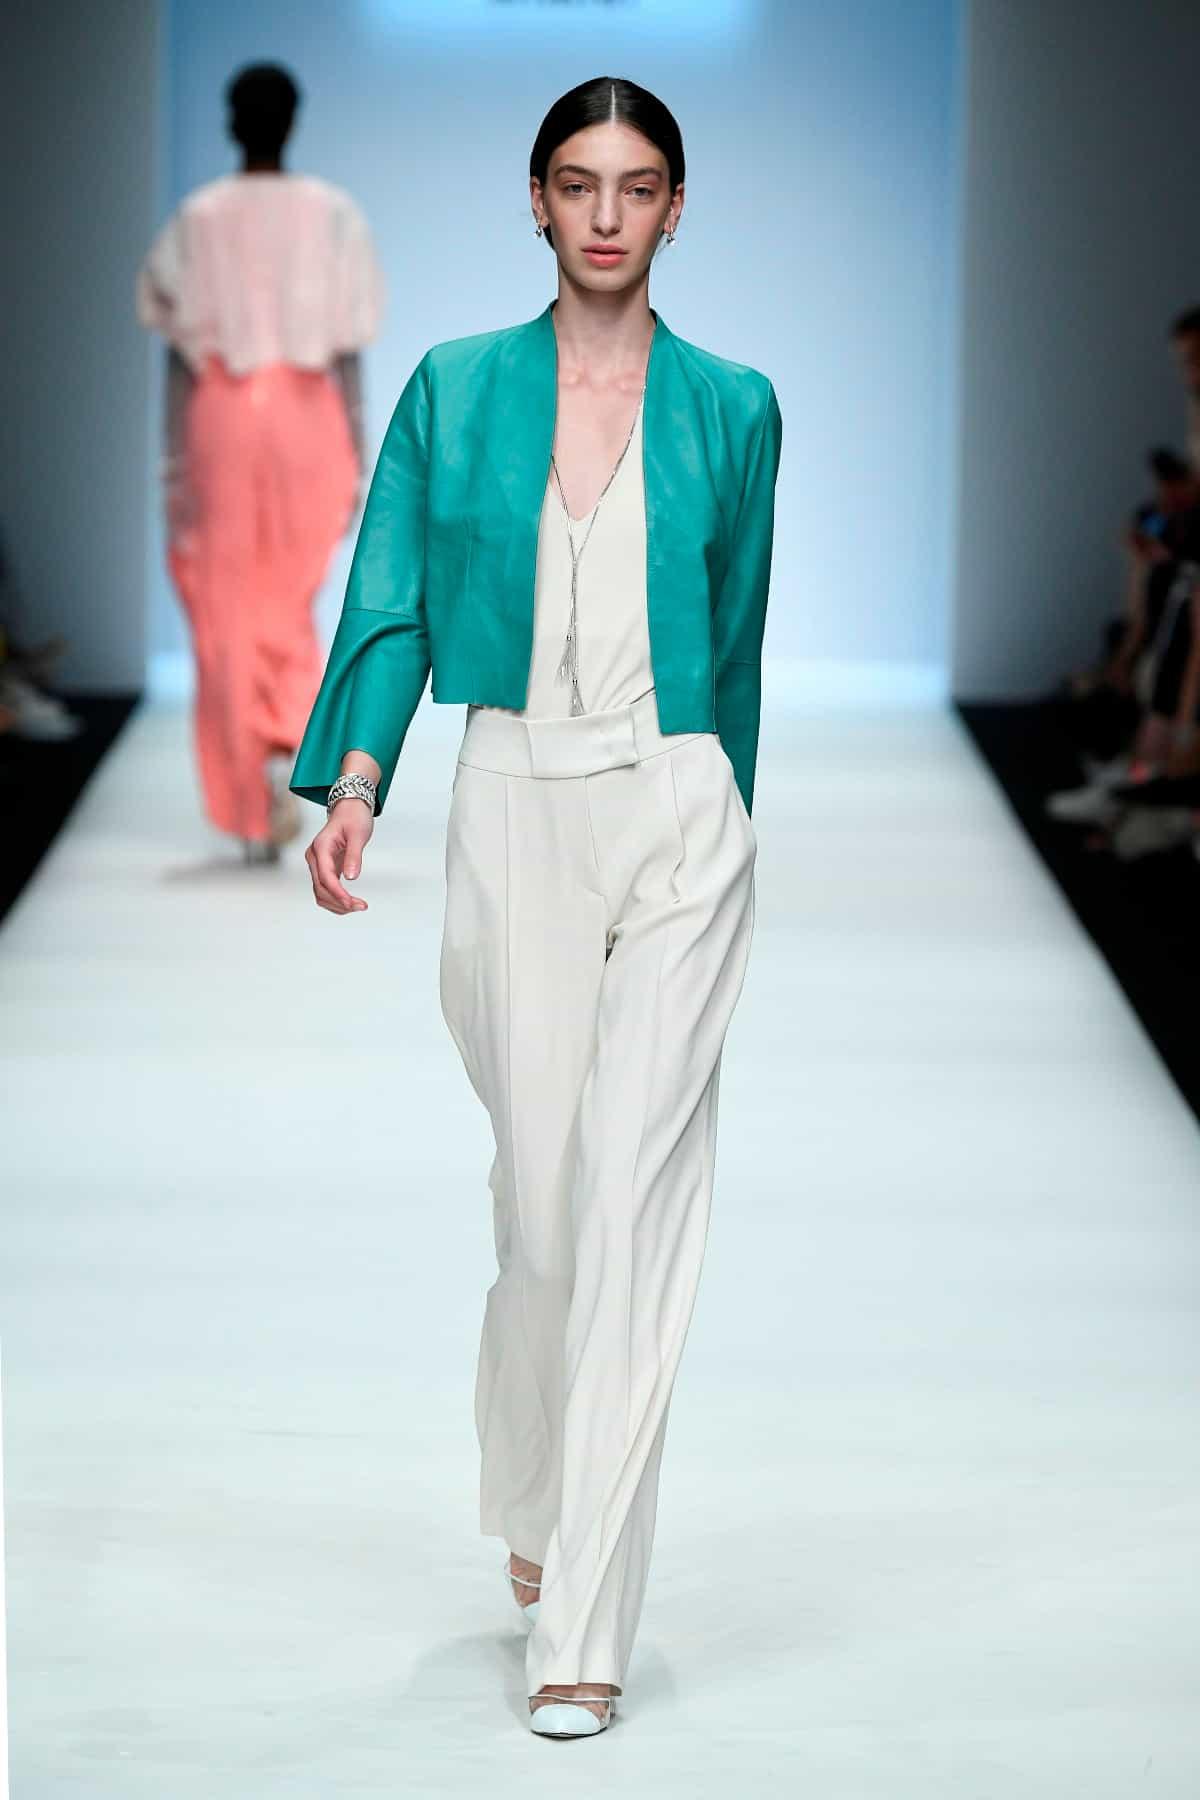 Mode von Riani Kollektion Frühjahr-Sommer 2020 zur Fashion Week Berlin im Juli 2019 - 5